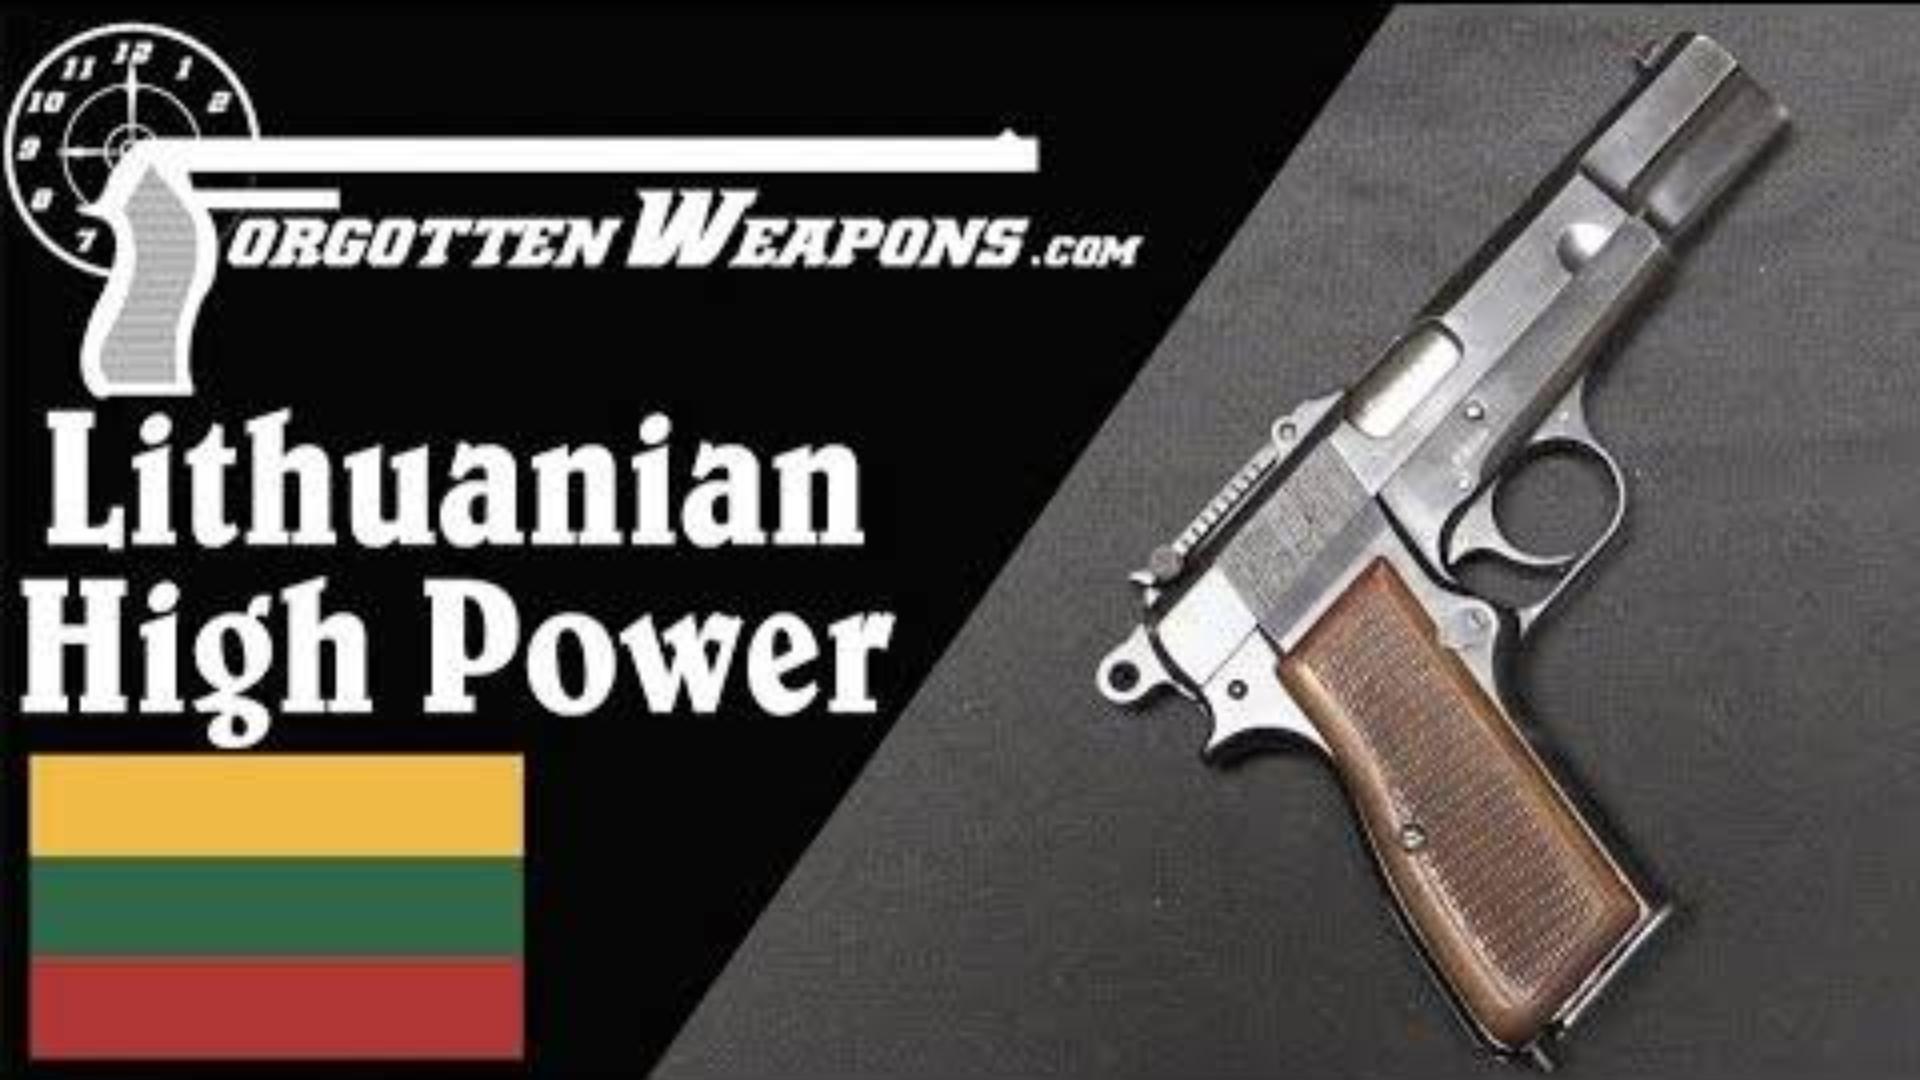 【被遗忘的武器/双语】格迪米纳斯之柱--立陶宛的勃朗宁大威力手枪介绍